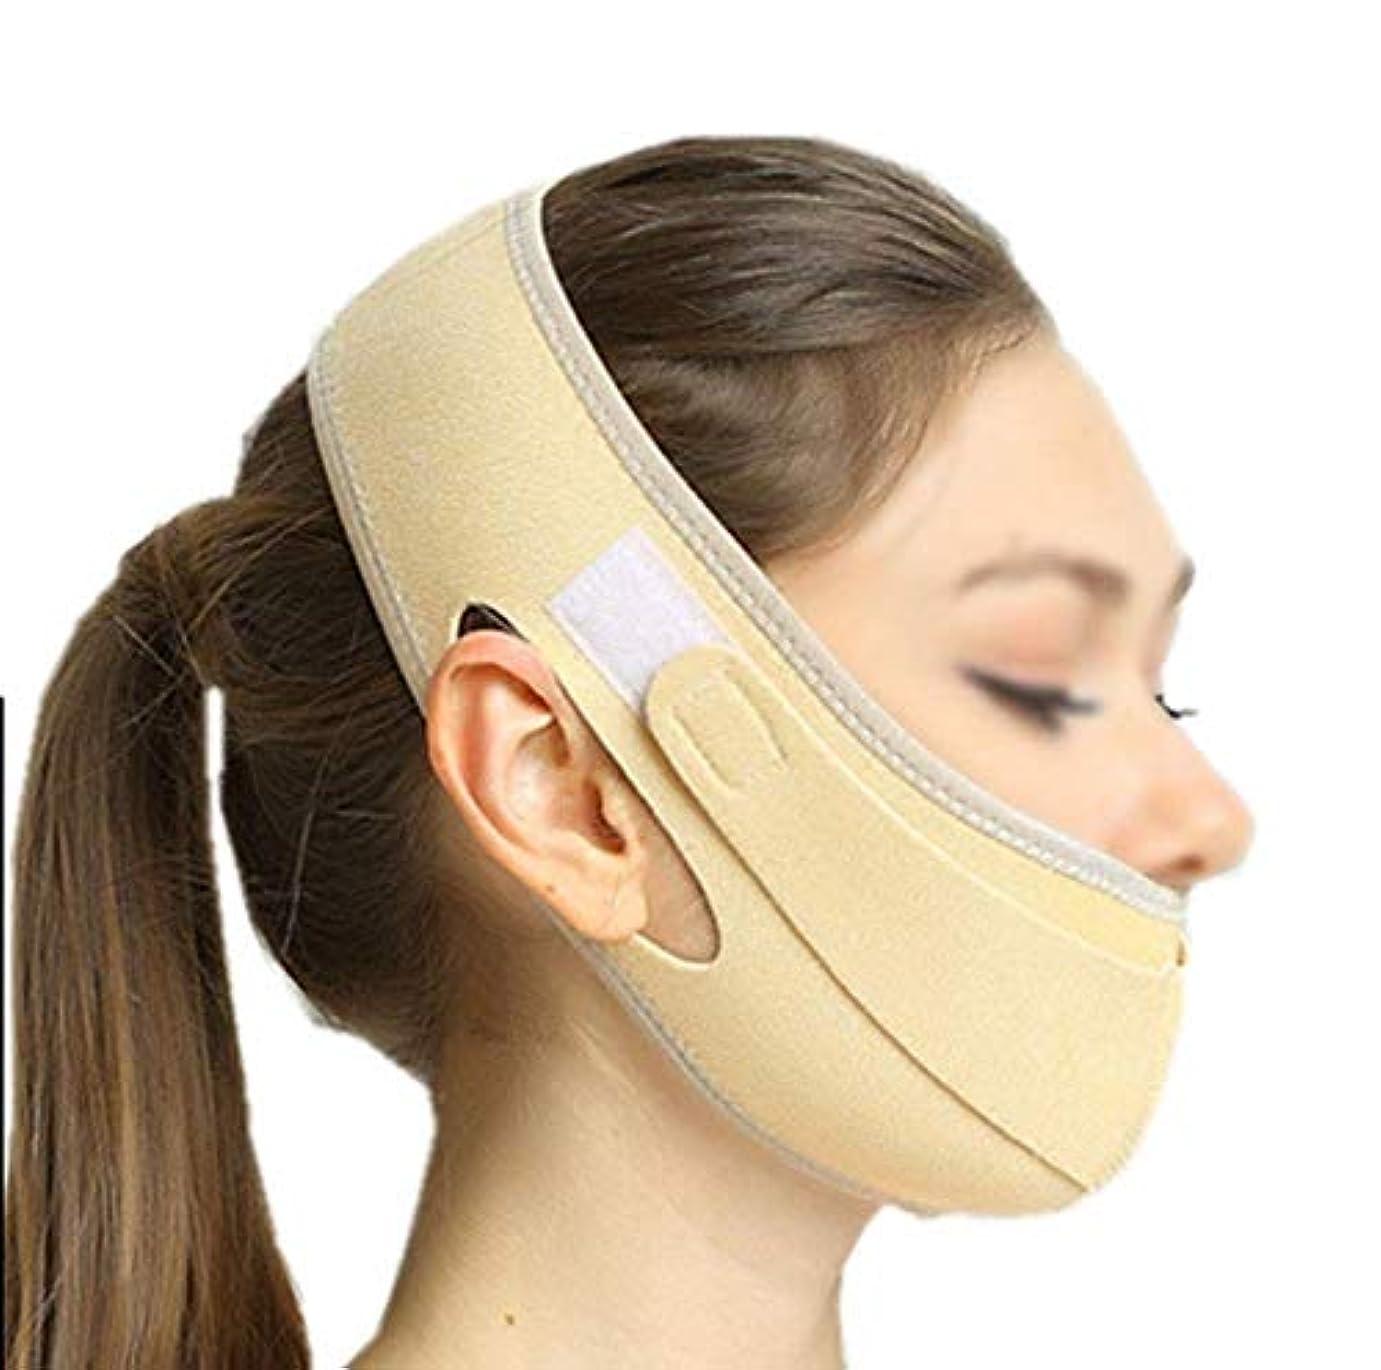 通訳しないでください苦味フェイスリフトマスク、コスメティックリカバリーマスク、薄いダブルチンリフティングスキンで小さなVフェイスバンデージを作成